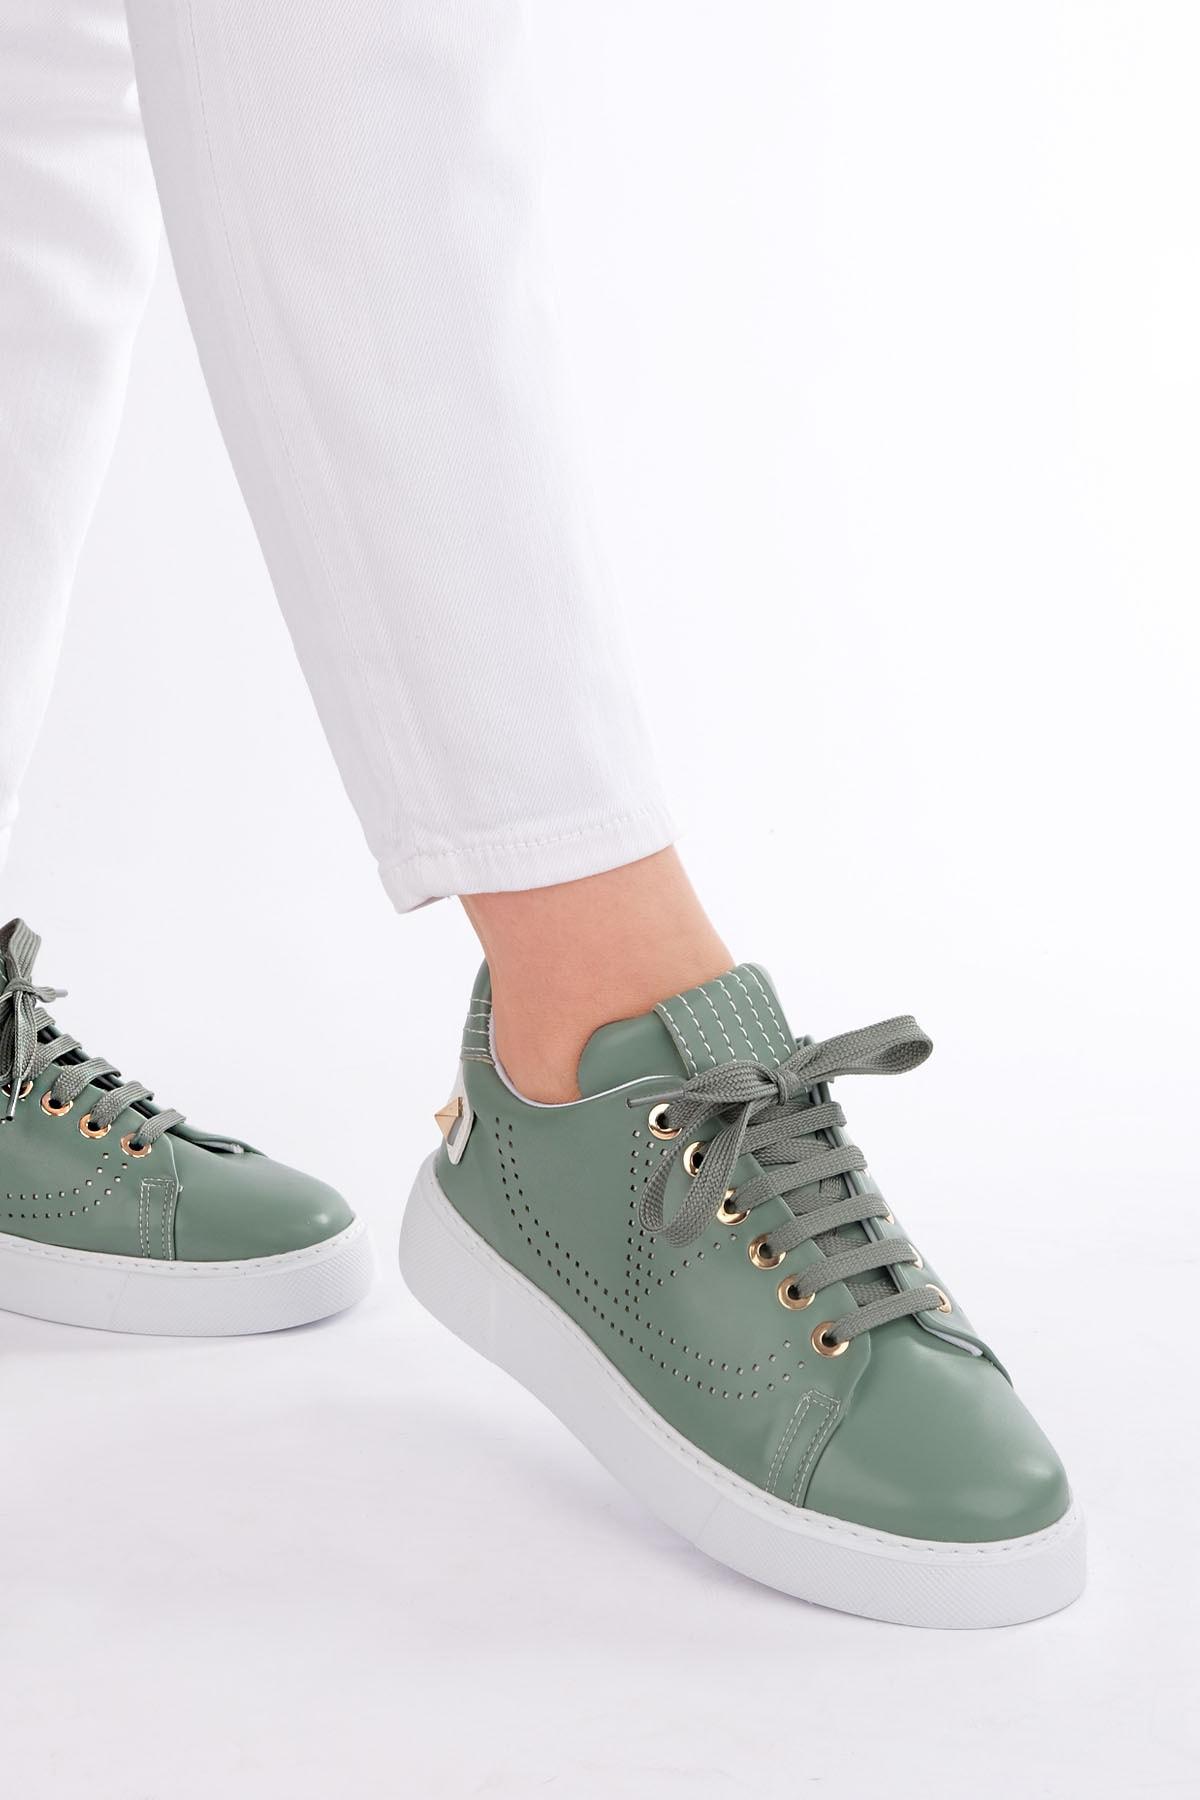 Marjin Kadın Yeşil Sneaker Spor Ayakkabı Volares 2